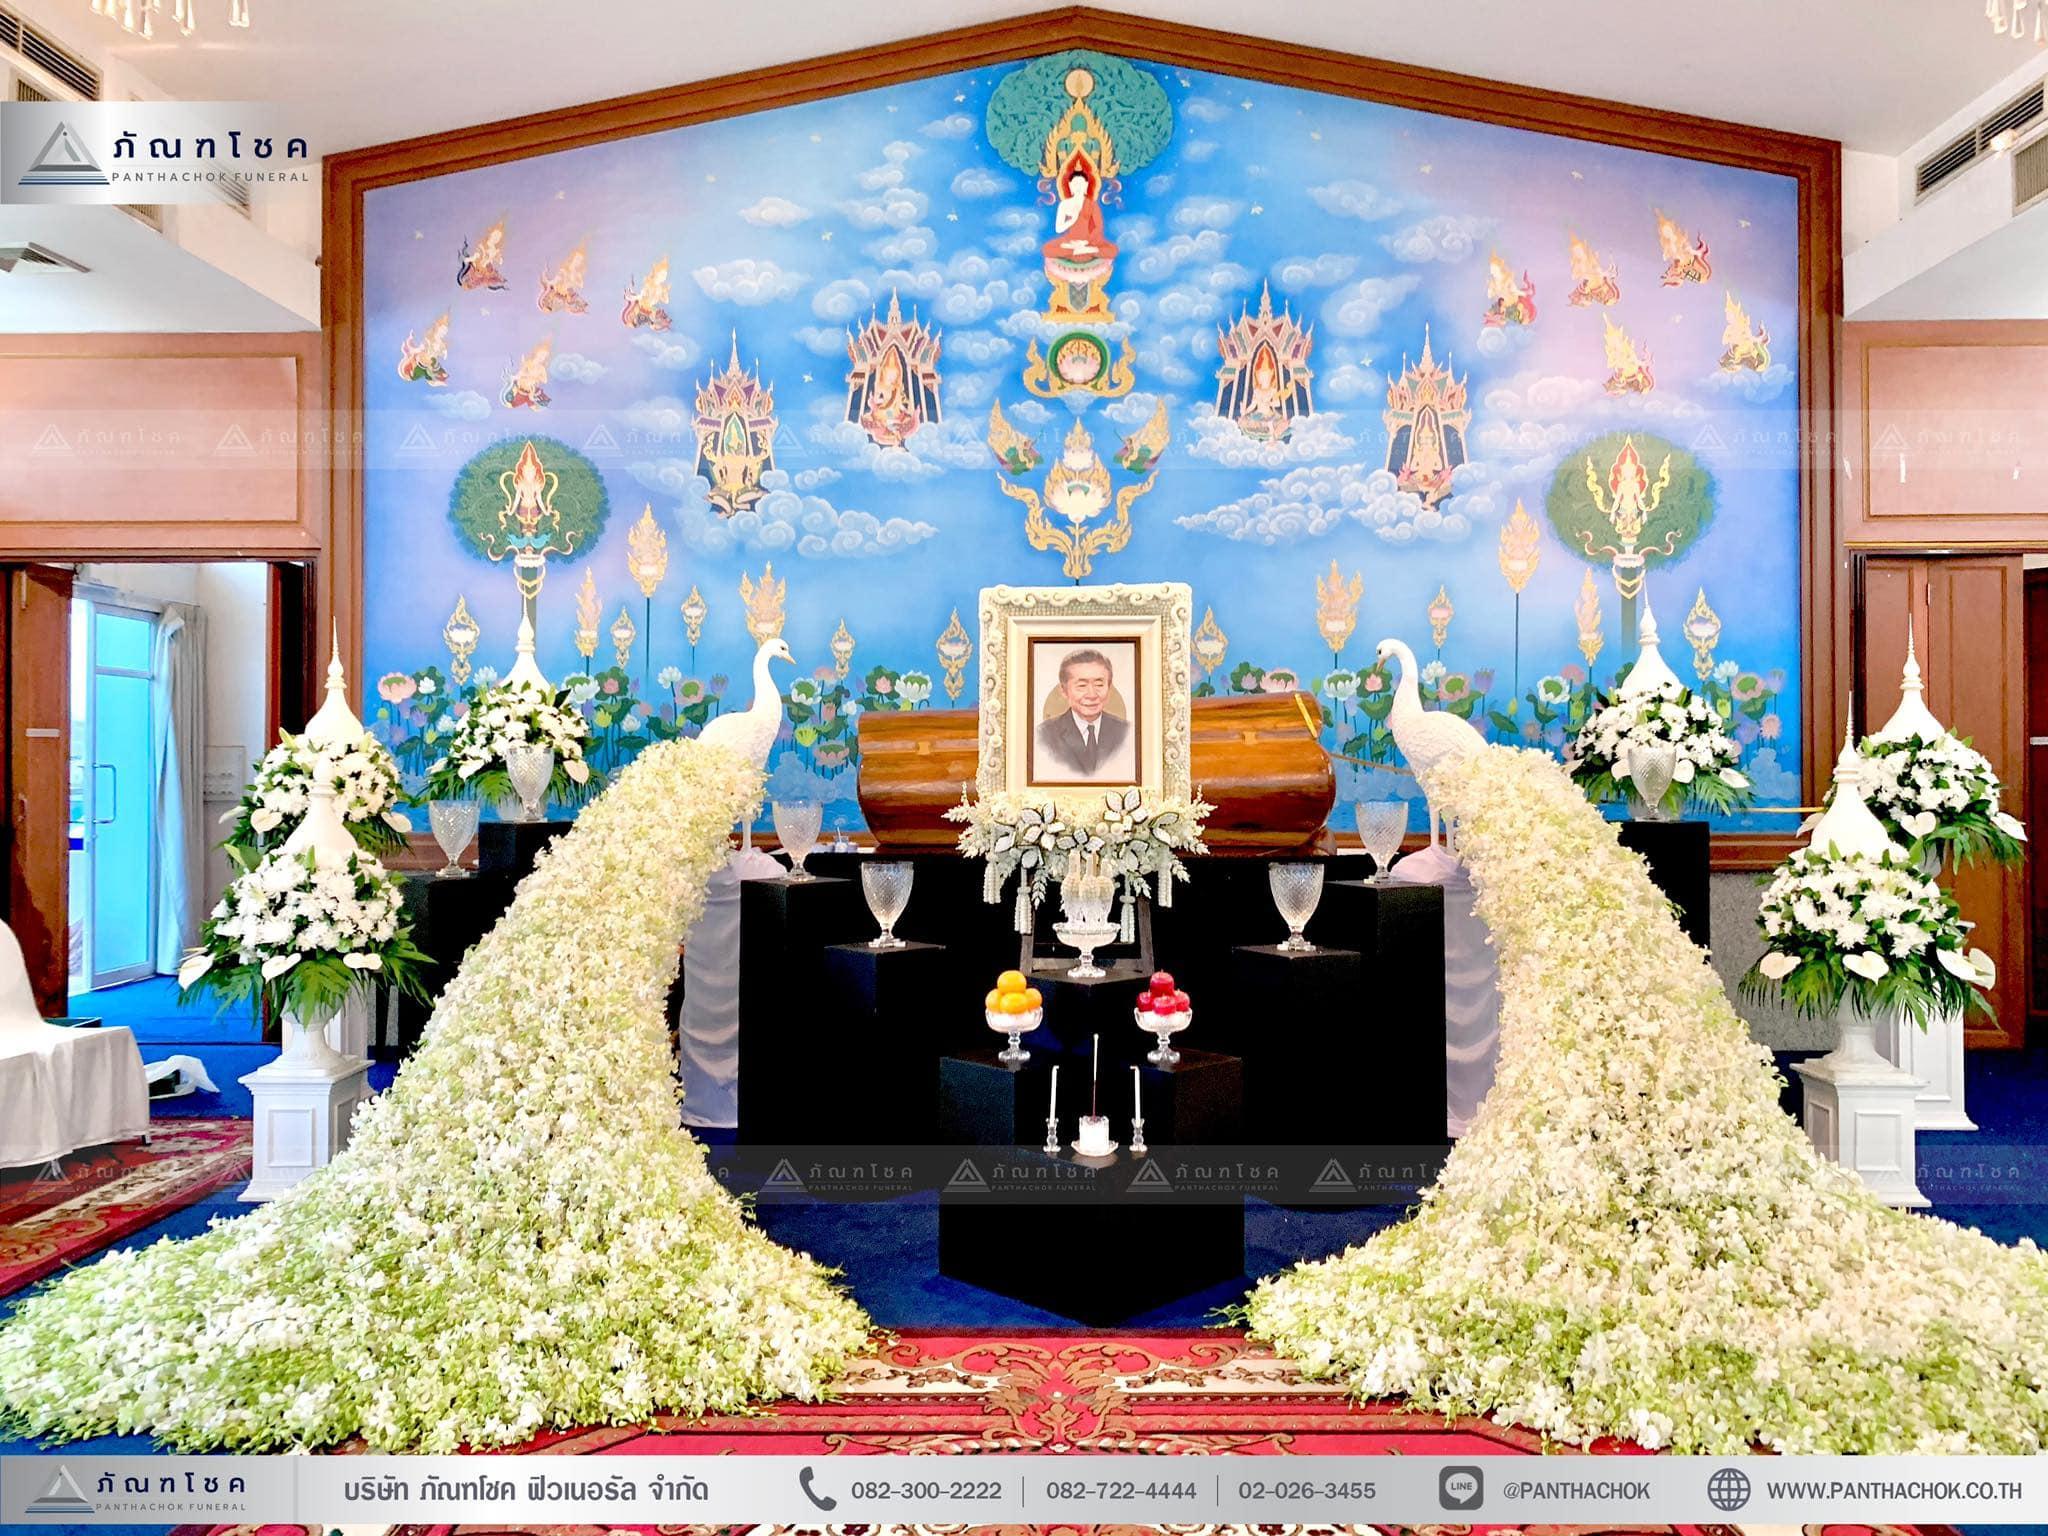 ดอกไม้งานศพรูปแบบโมเดิร์นผสานไทยประยุกต์ 5